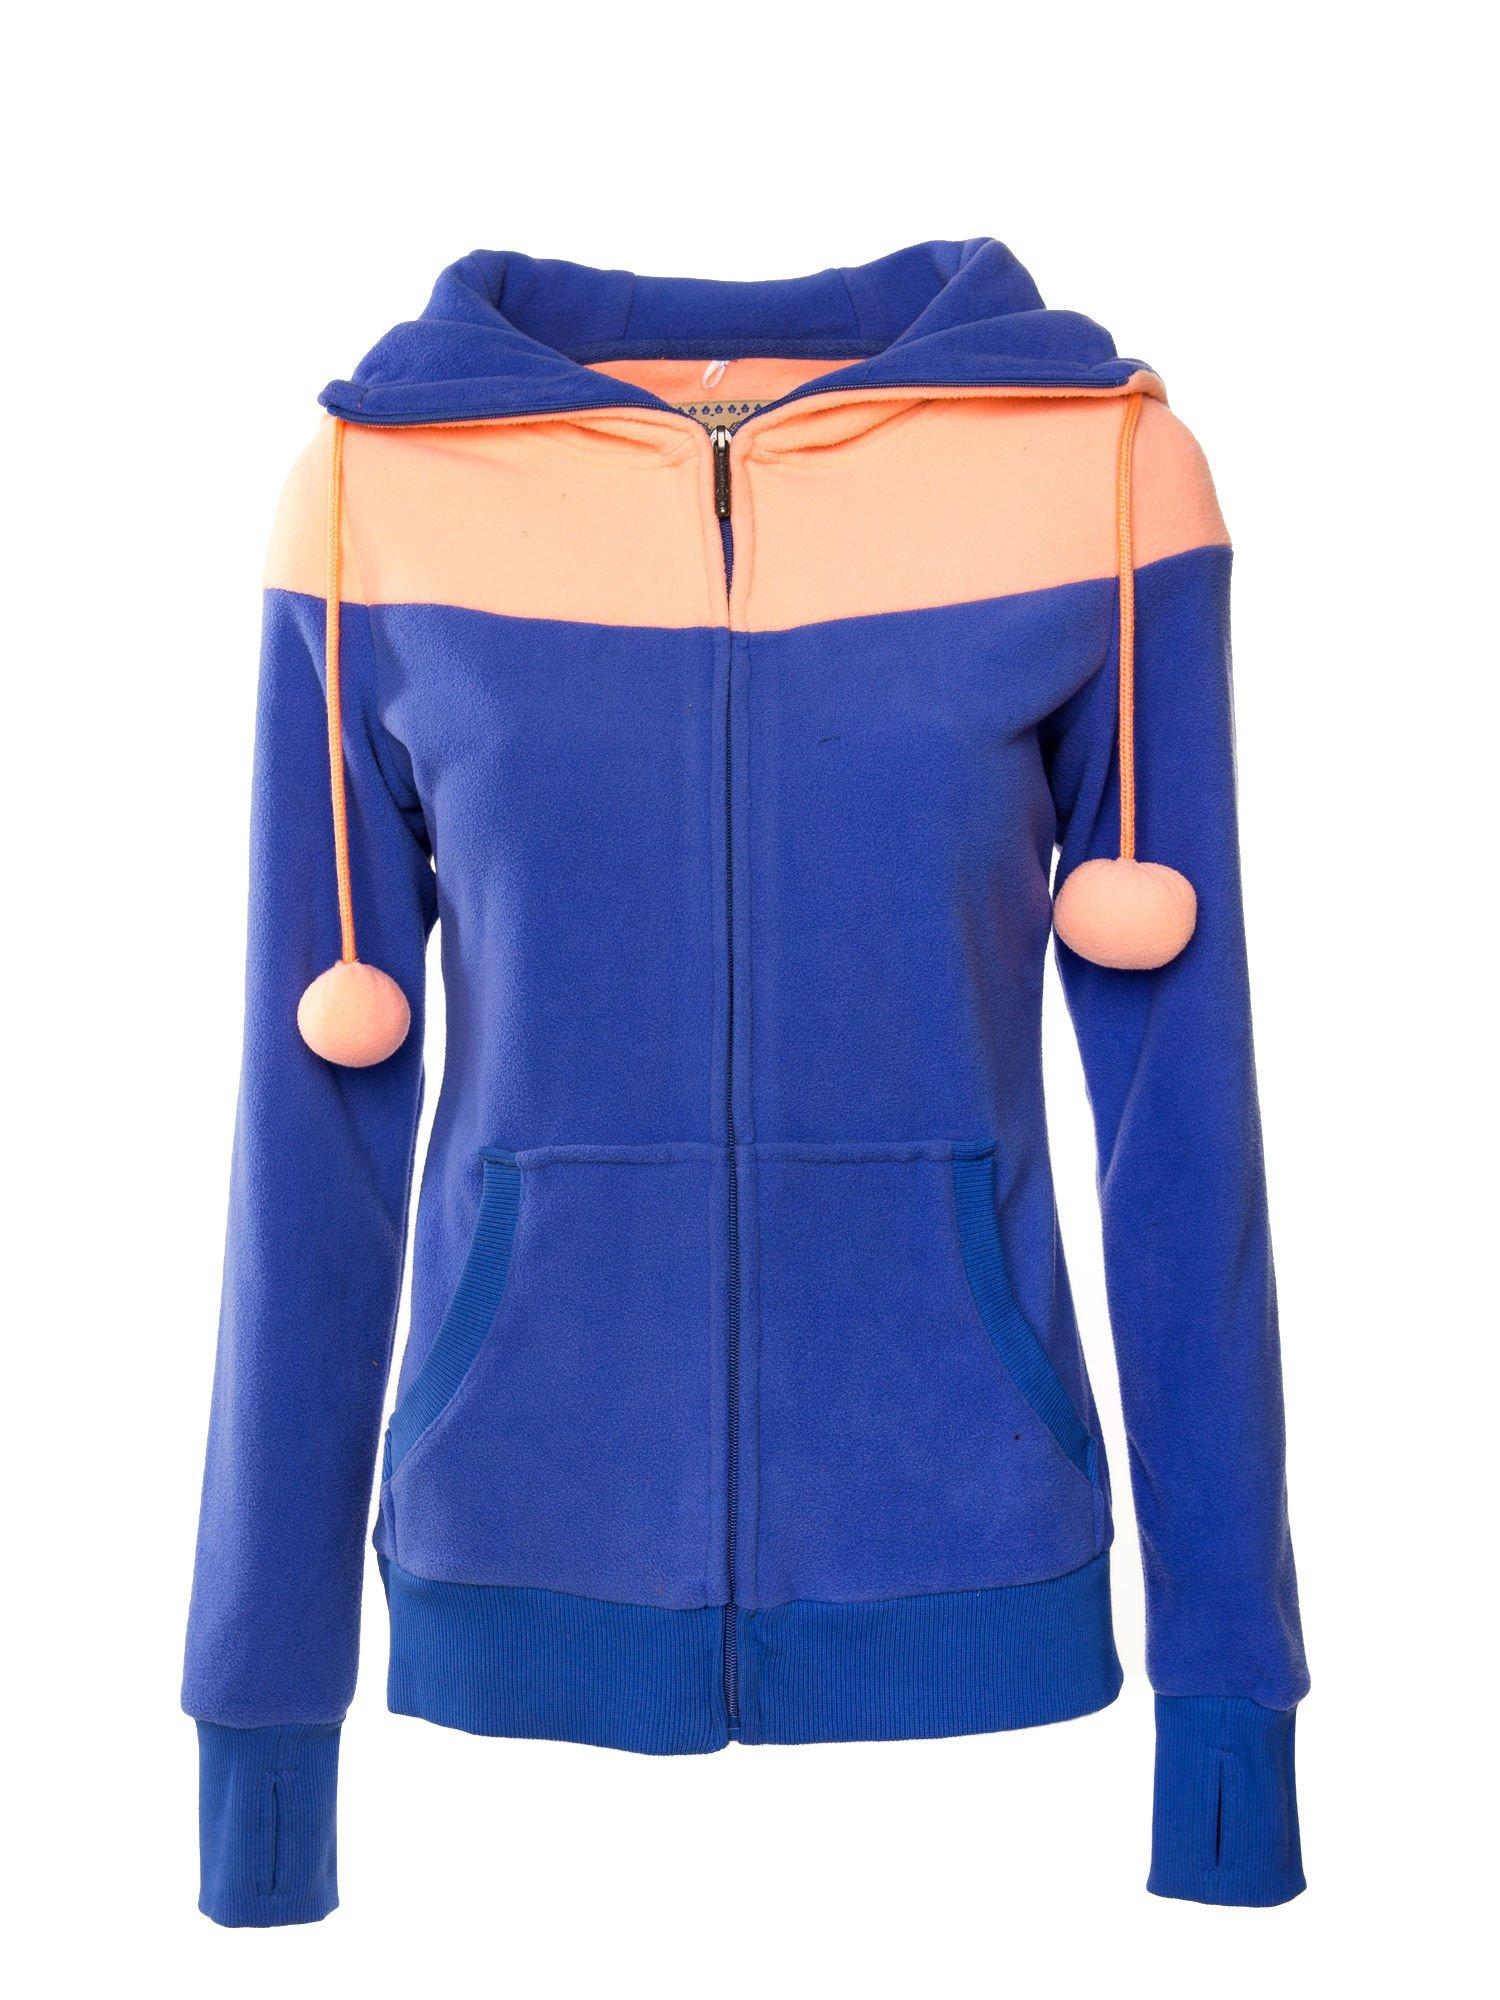 Niebieska bluza polarowa z kapturem z uszkami                                  zdj.                                  1